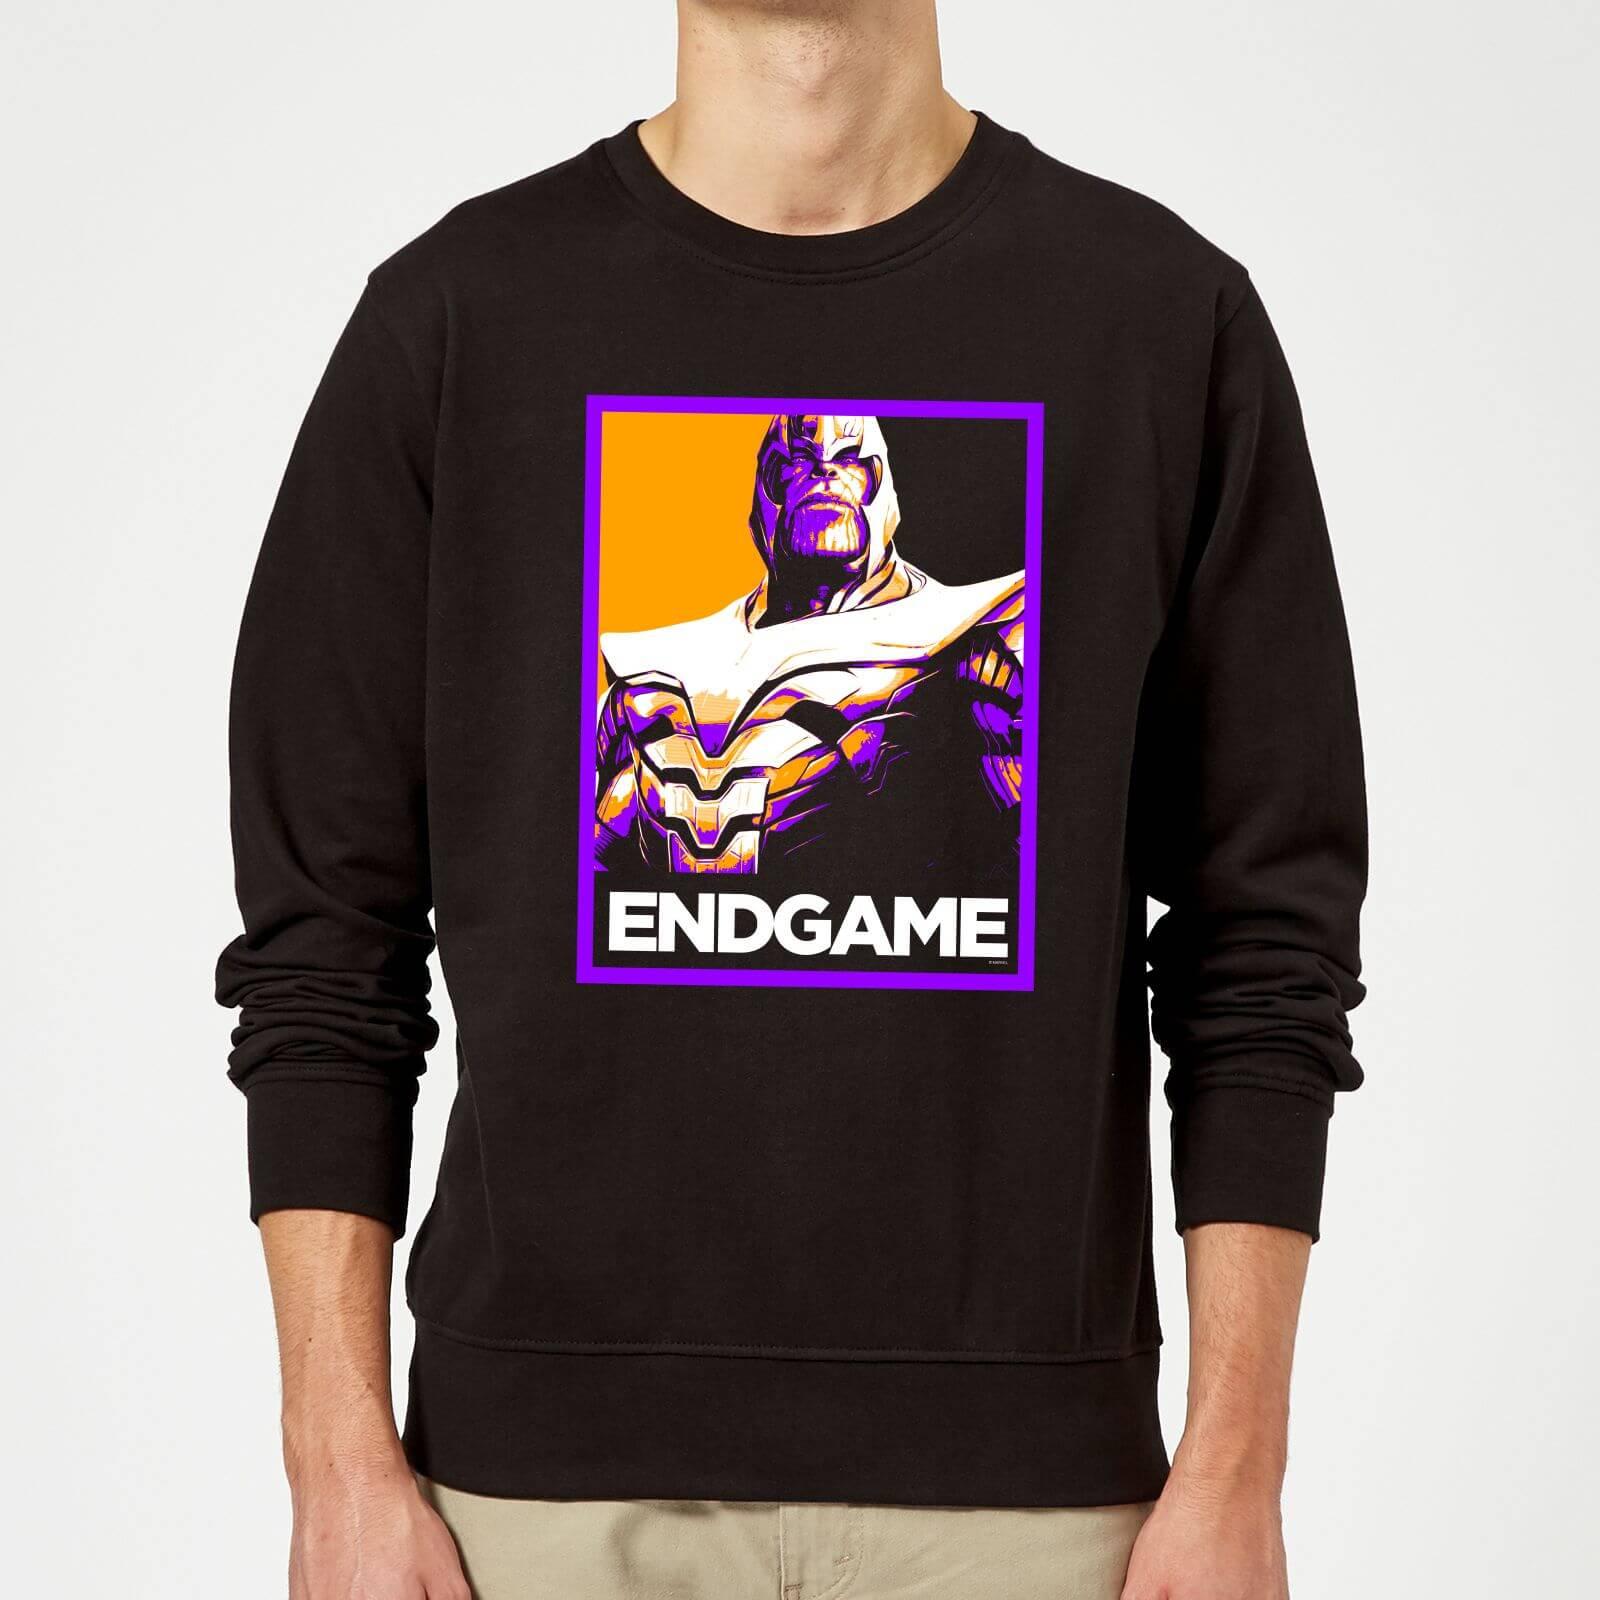 Marvel Avengers Endgame Thanos Poster Sweatshirt - Black - L - Black